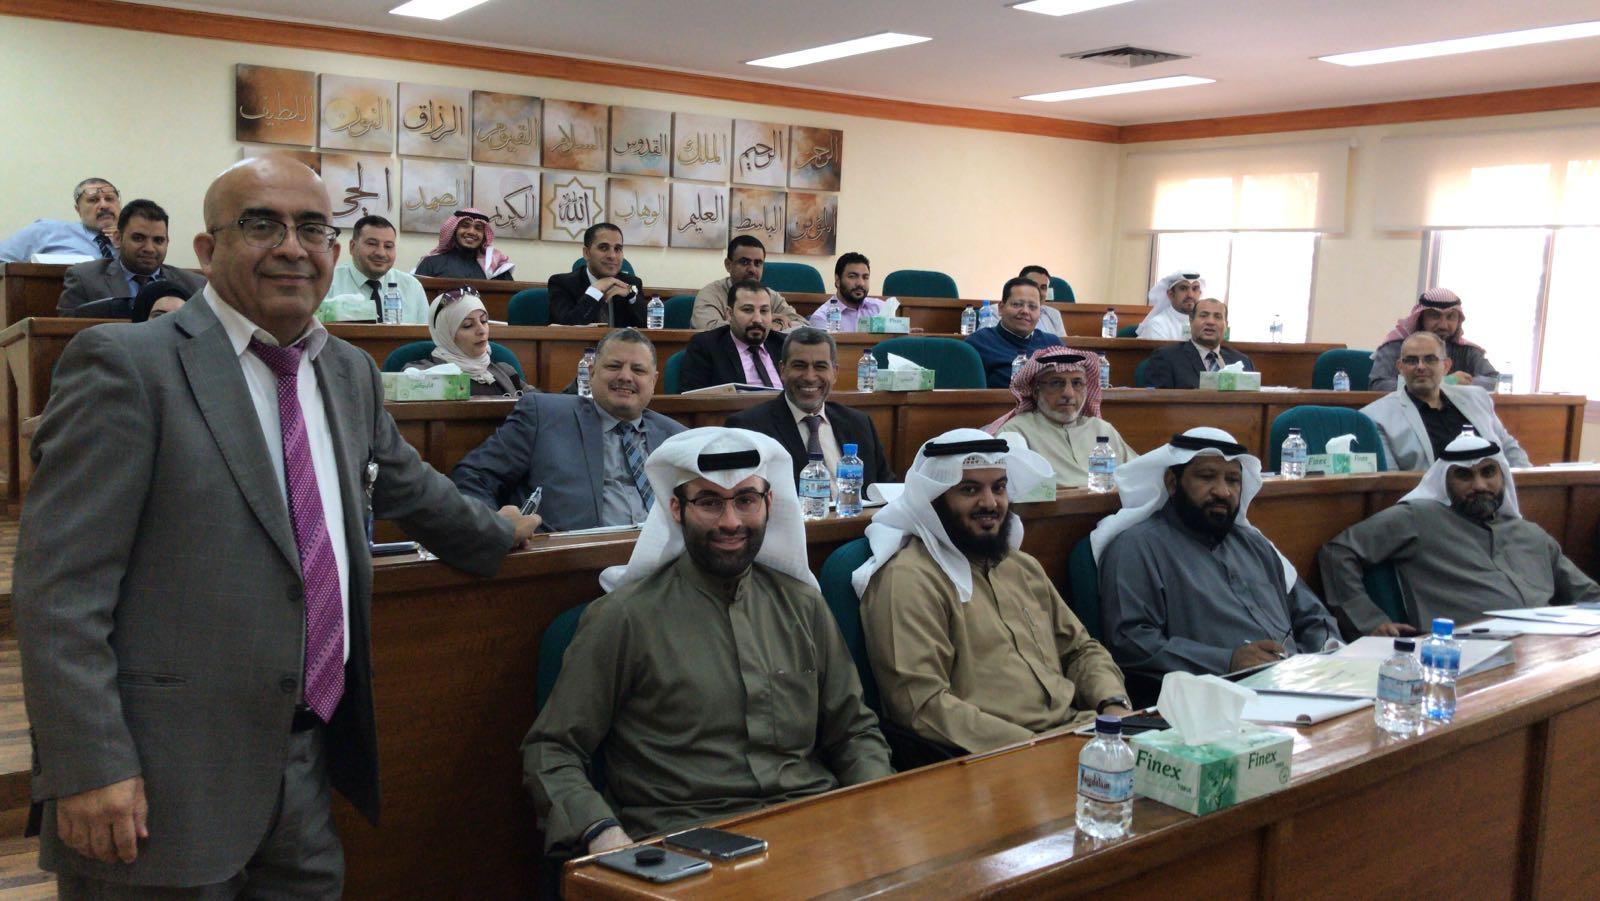 د.الوندة: دورة لقيادات #النجاة_الخيرية في التخطيط الاستراتيجي بالمعهد العربي للتخطيط